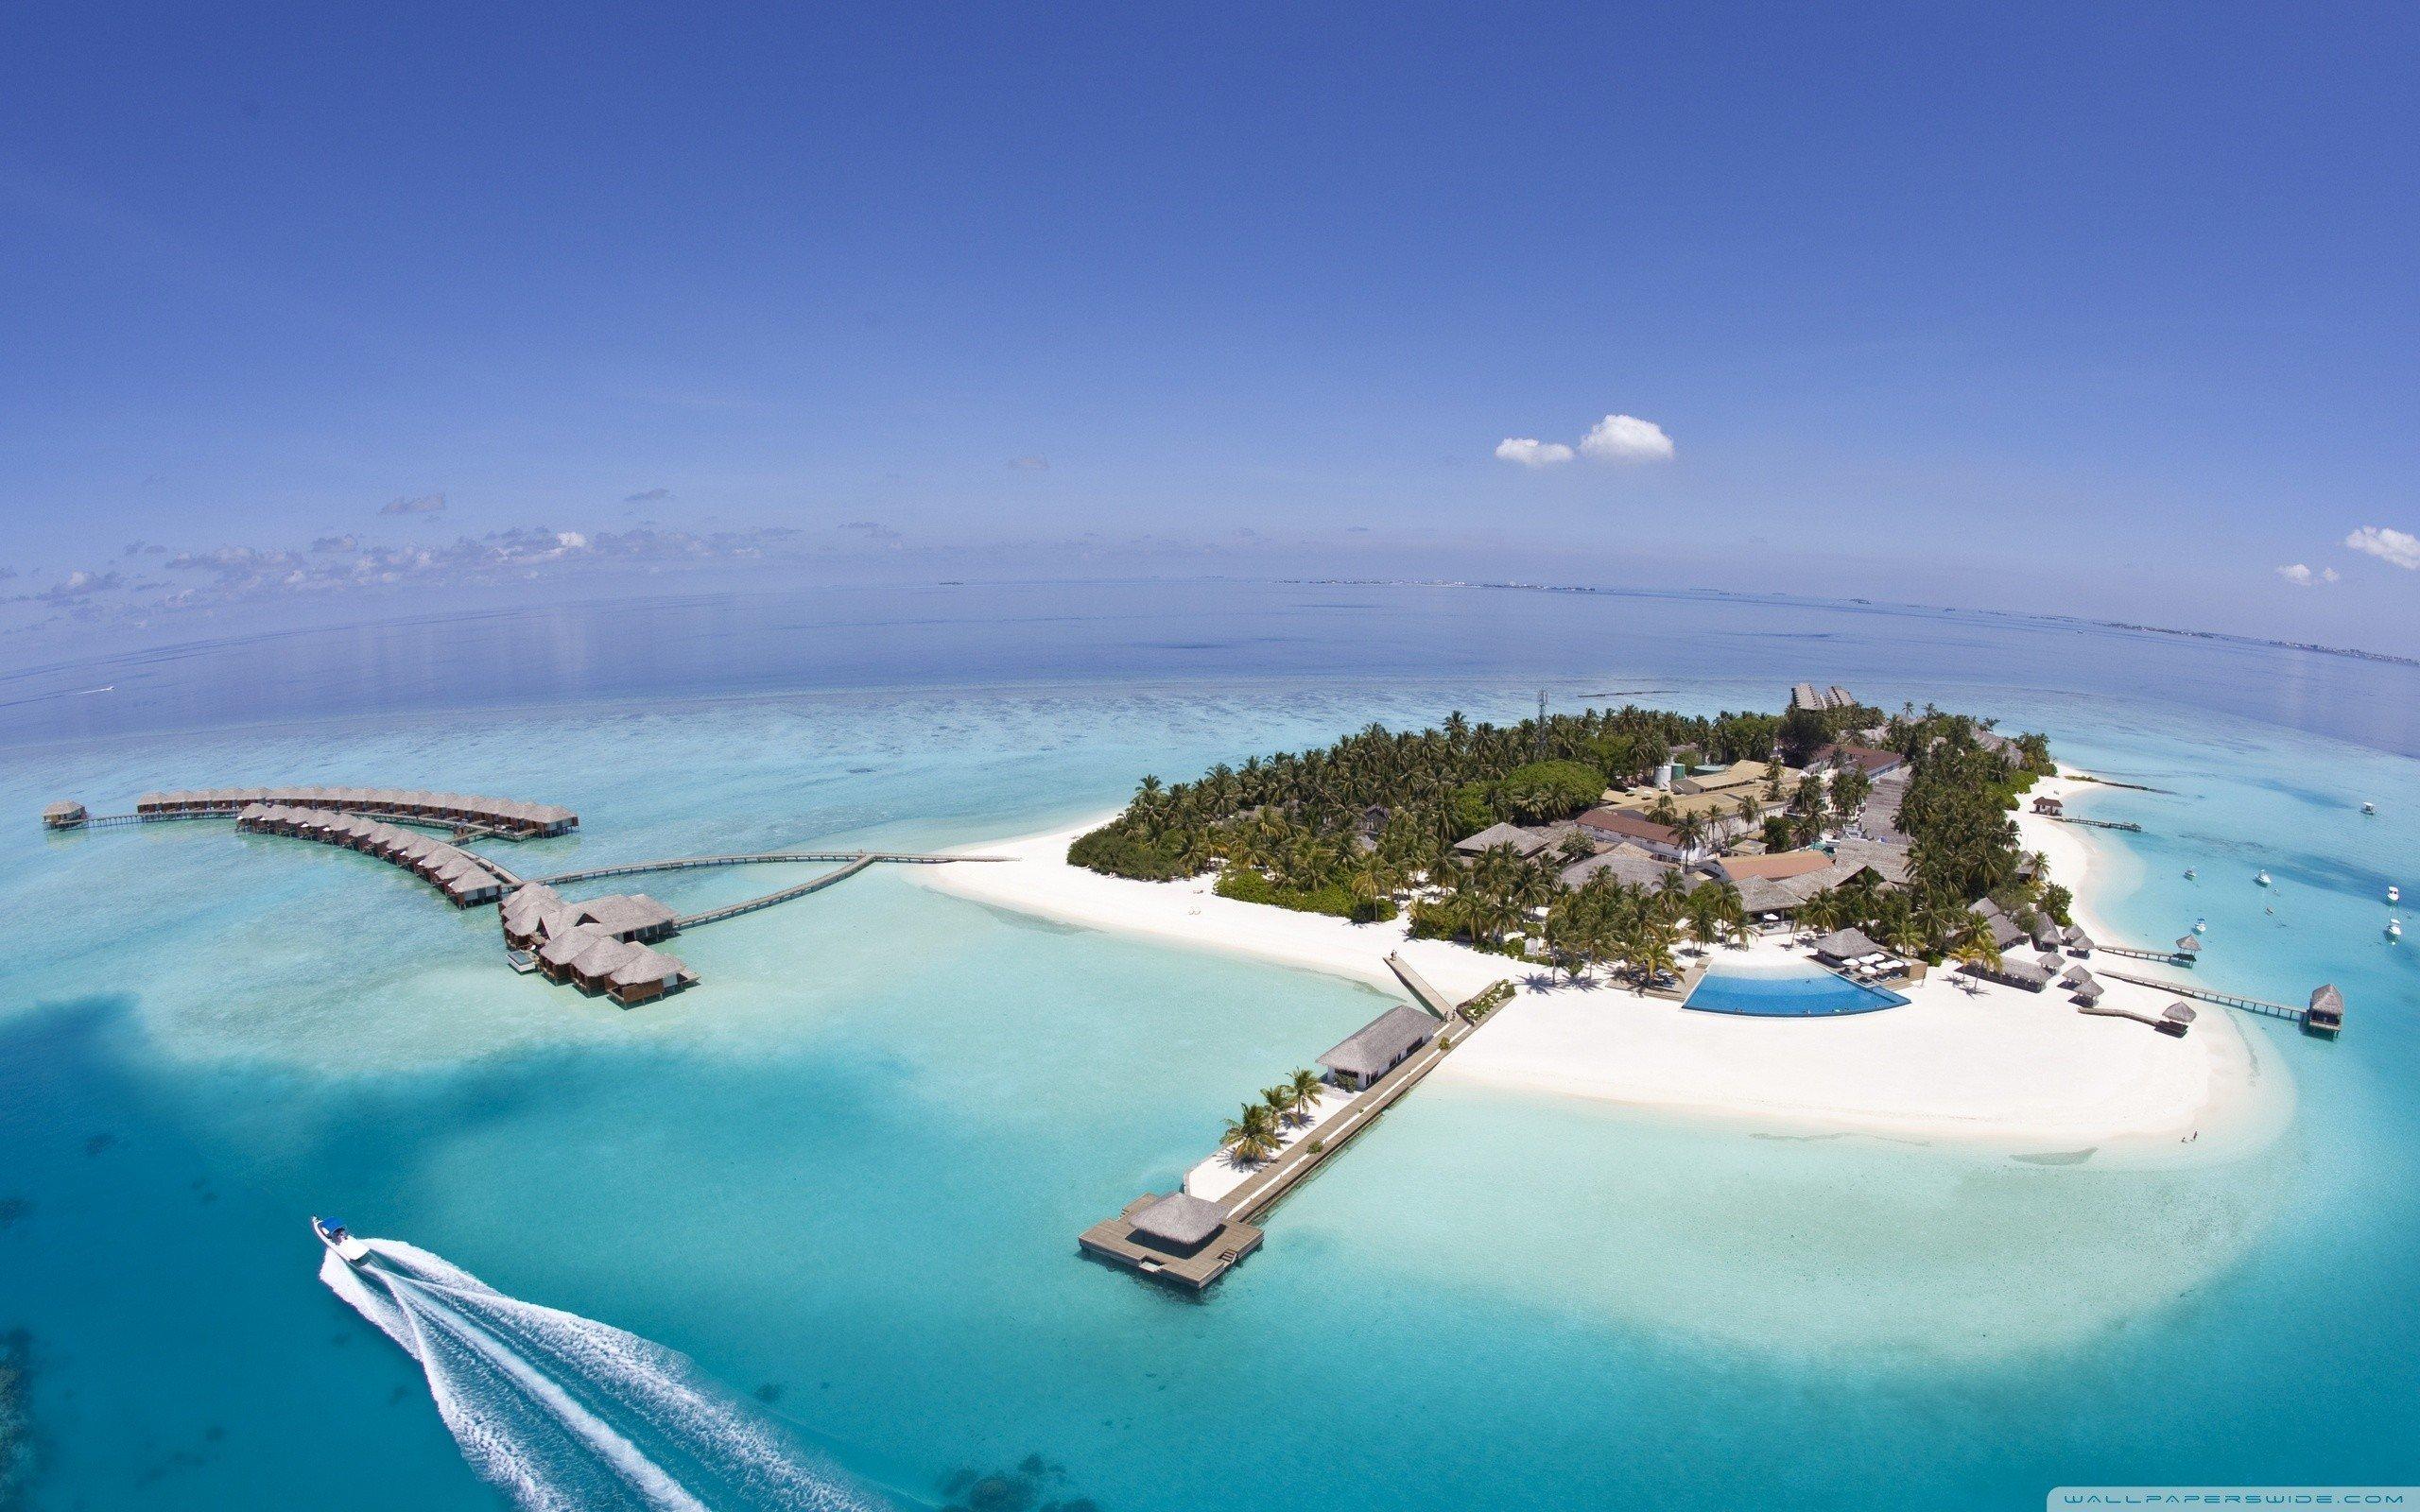 Maldives Islands Wallpaper 2560x1600 Maldives, Islands, Scenic, Aerial ...